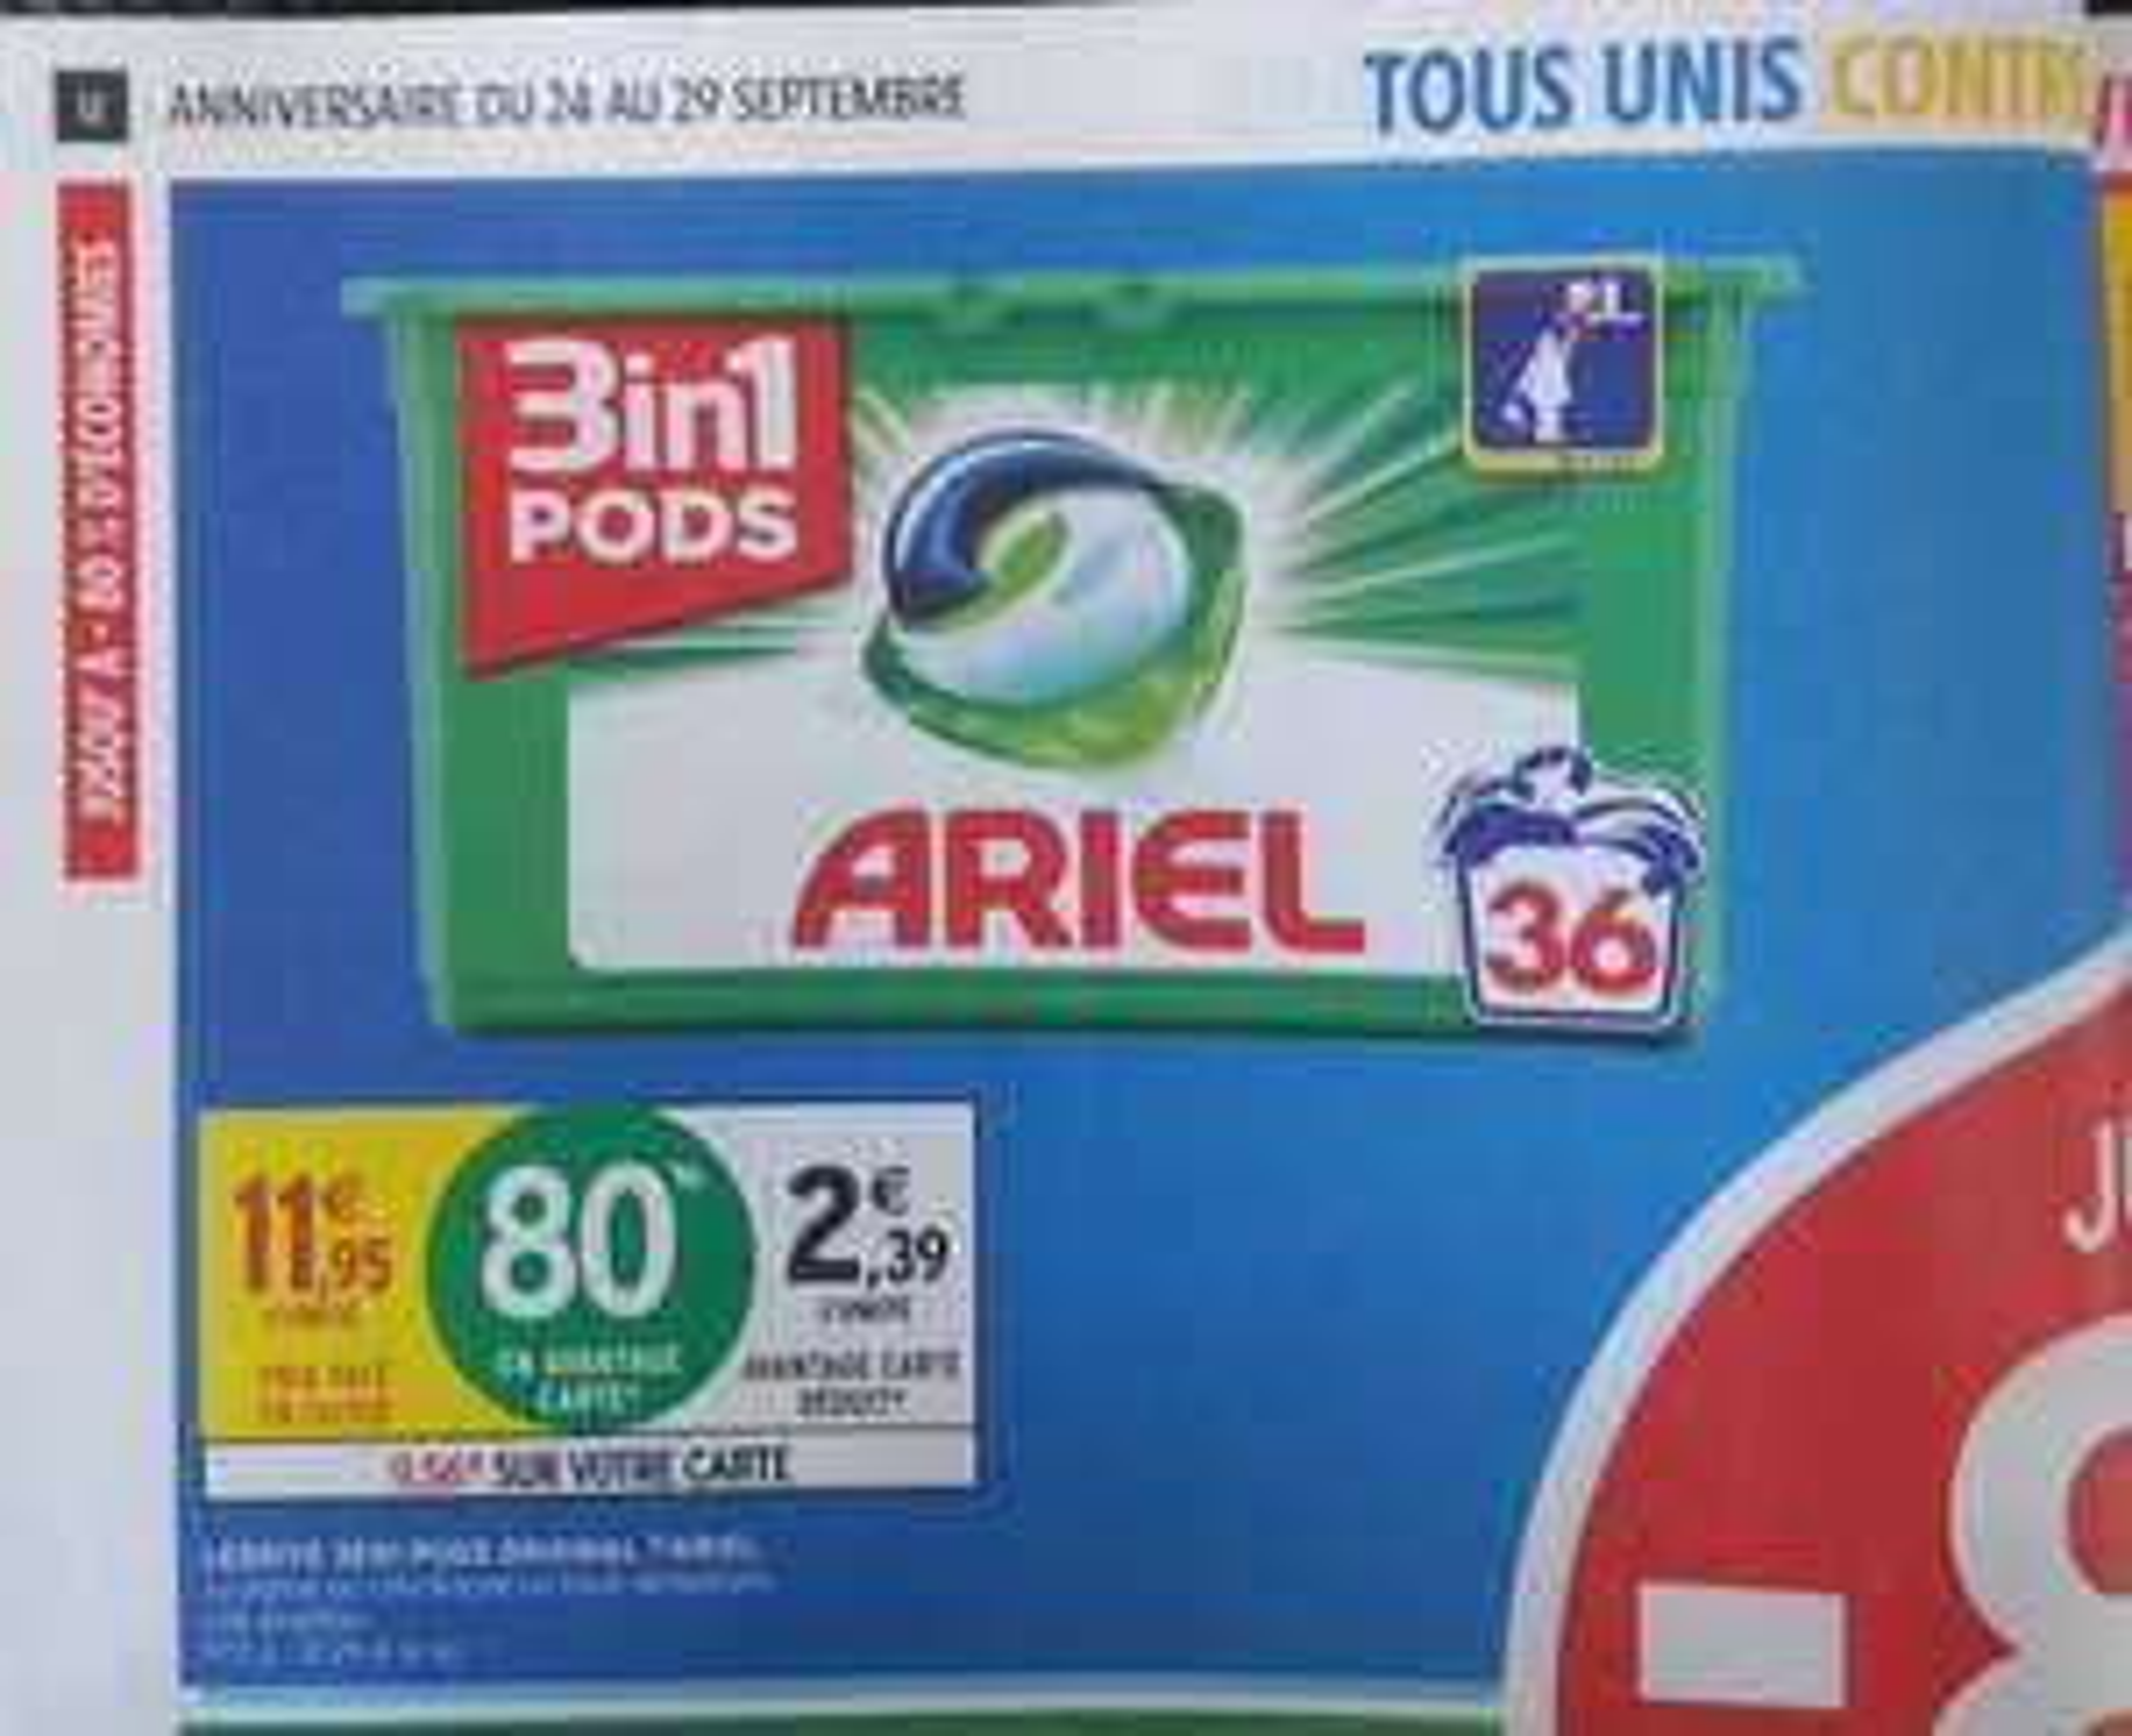 Lessive Ariel 3en1 Pods, 36 lavages (Via 9.56€ sur la Carte Fidélité)